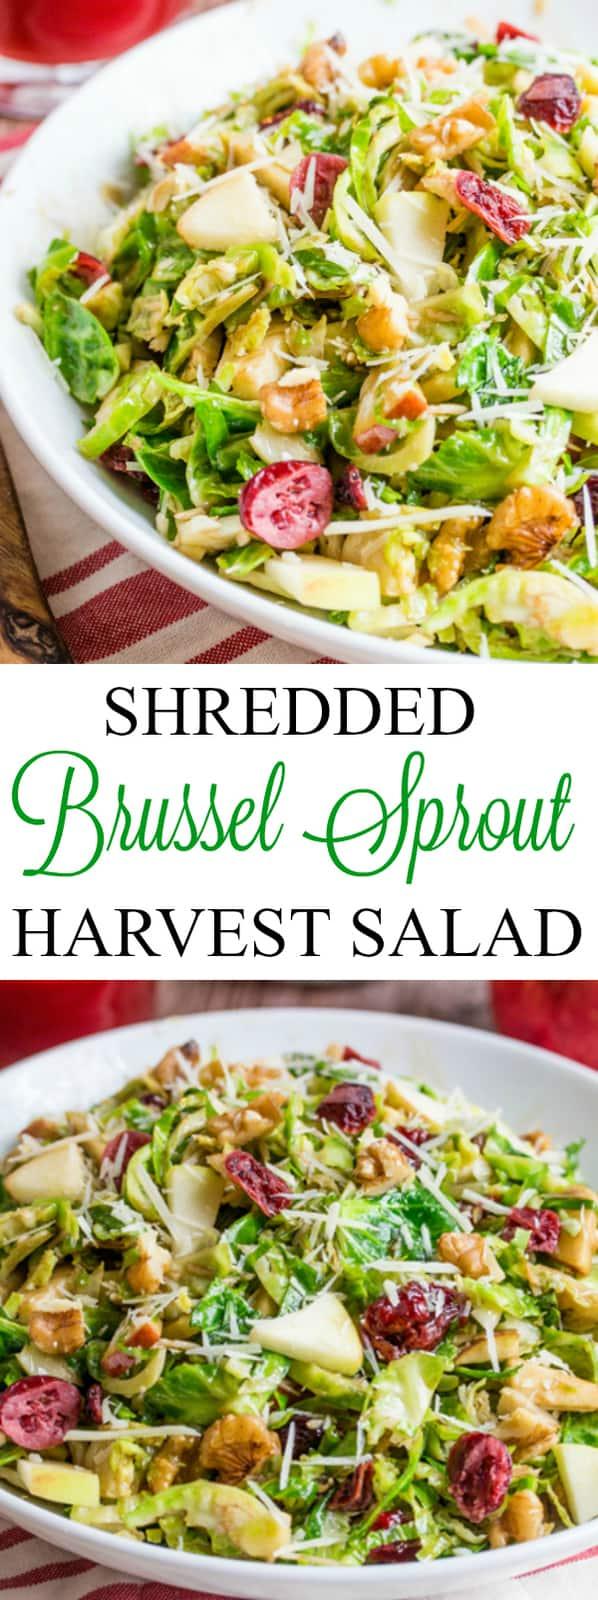 Shredded Brussel Sprout Harvest Salad